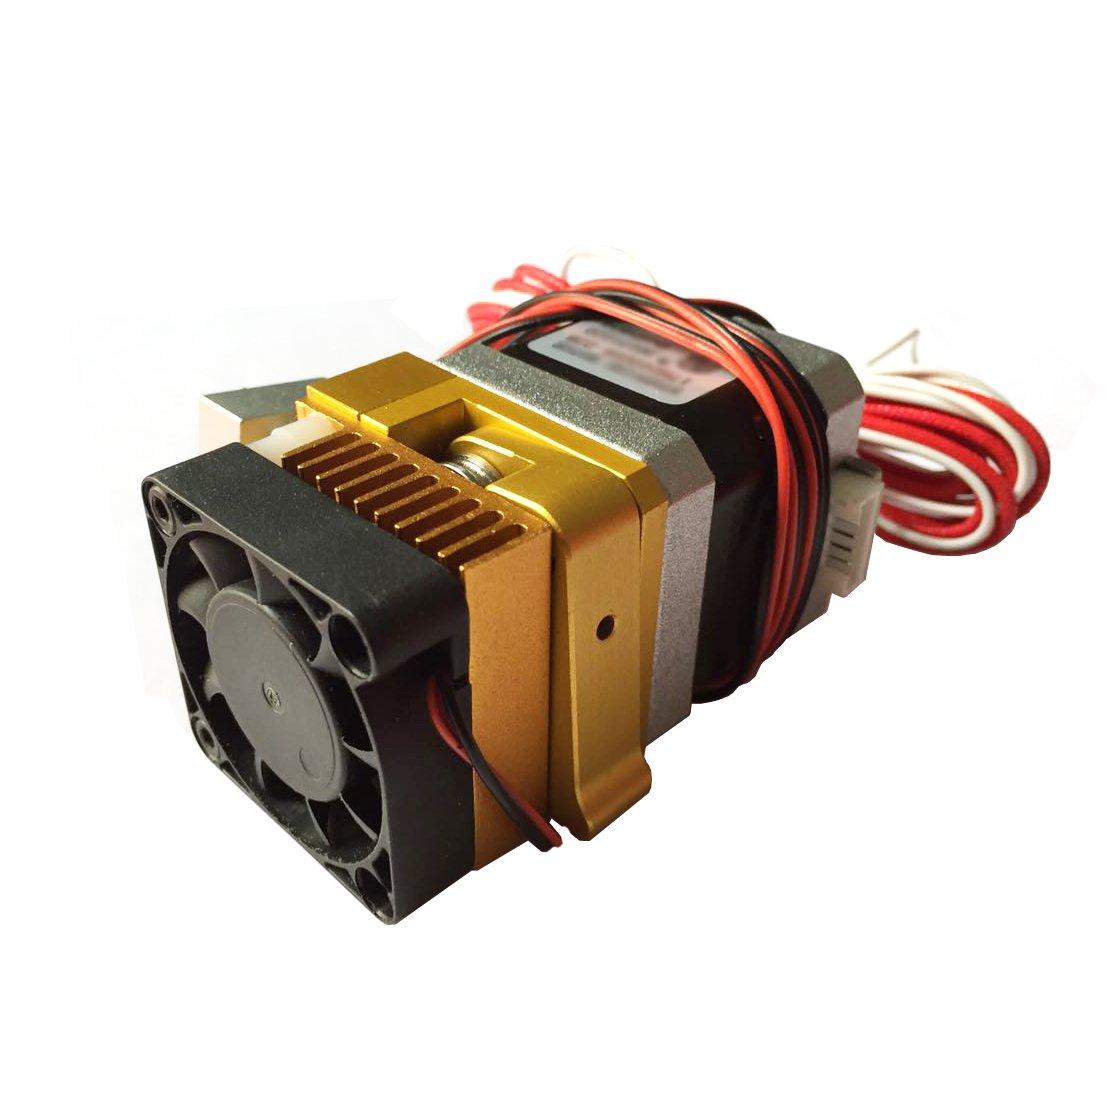 AptoFun MK8 Metal Extruder mit 0.4mm Dü se fü r 3D Printer Reprap Mendel MakerBot, Prusa i3 & Rework Kompatibel mit 1,75 mm ABS und PLA Filament Aptotec